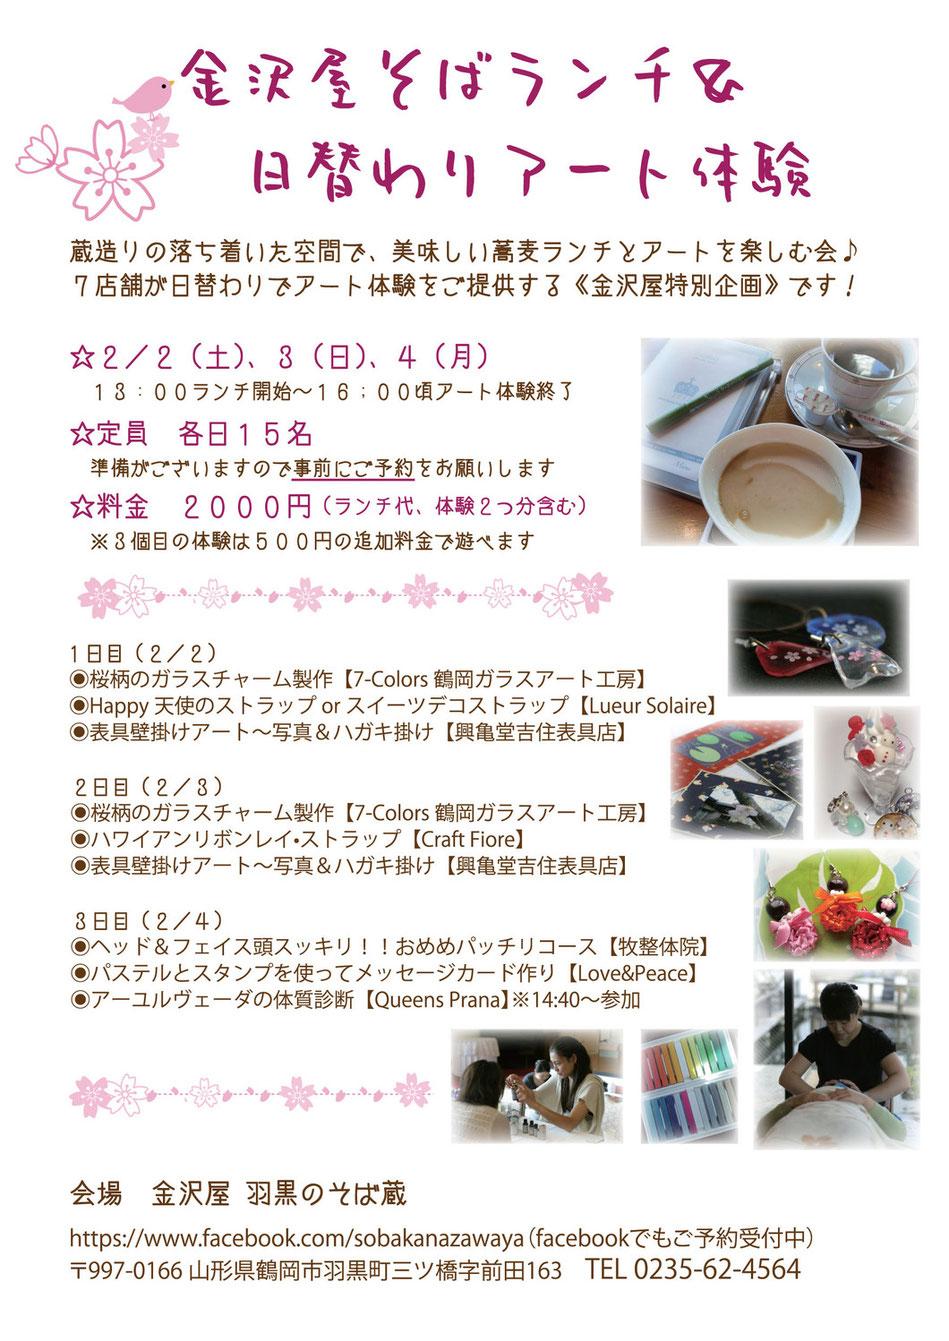 羽黒のそば蔵 金沢屋 アート体験イベント 鶴岡